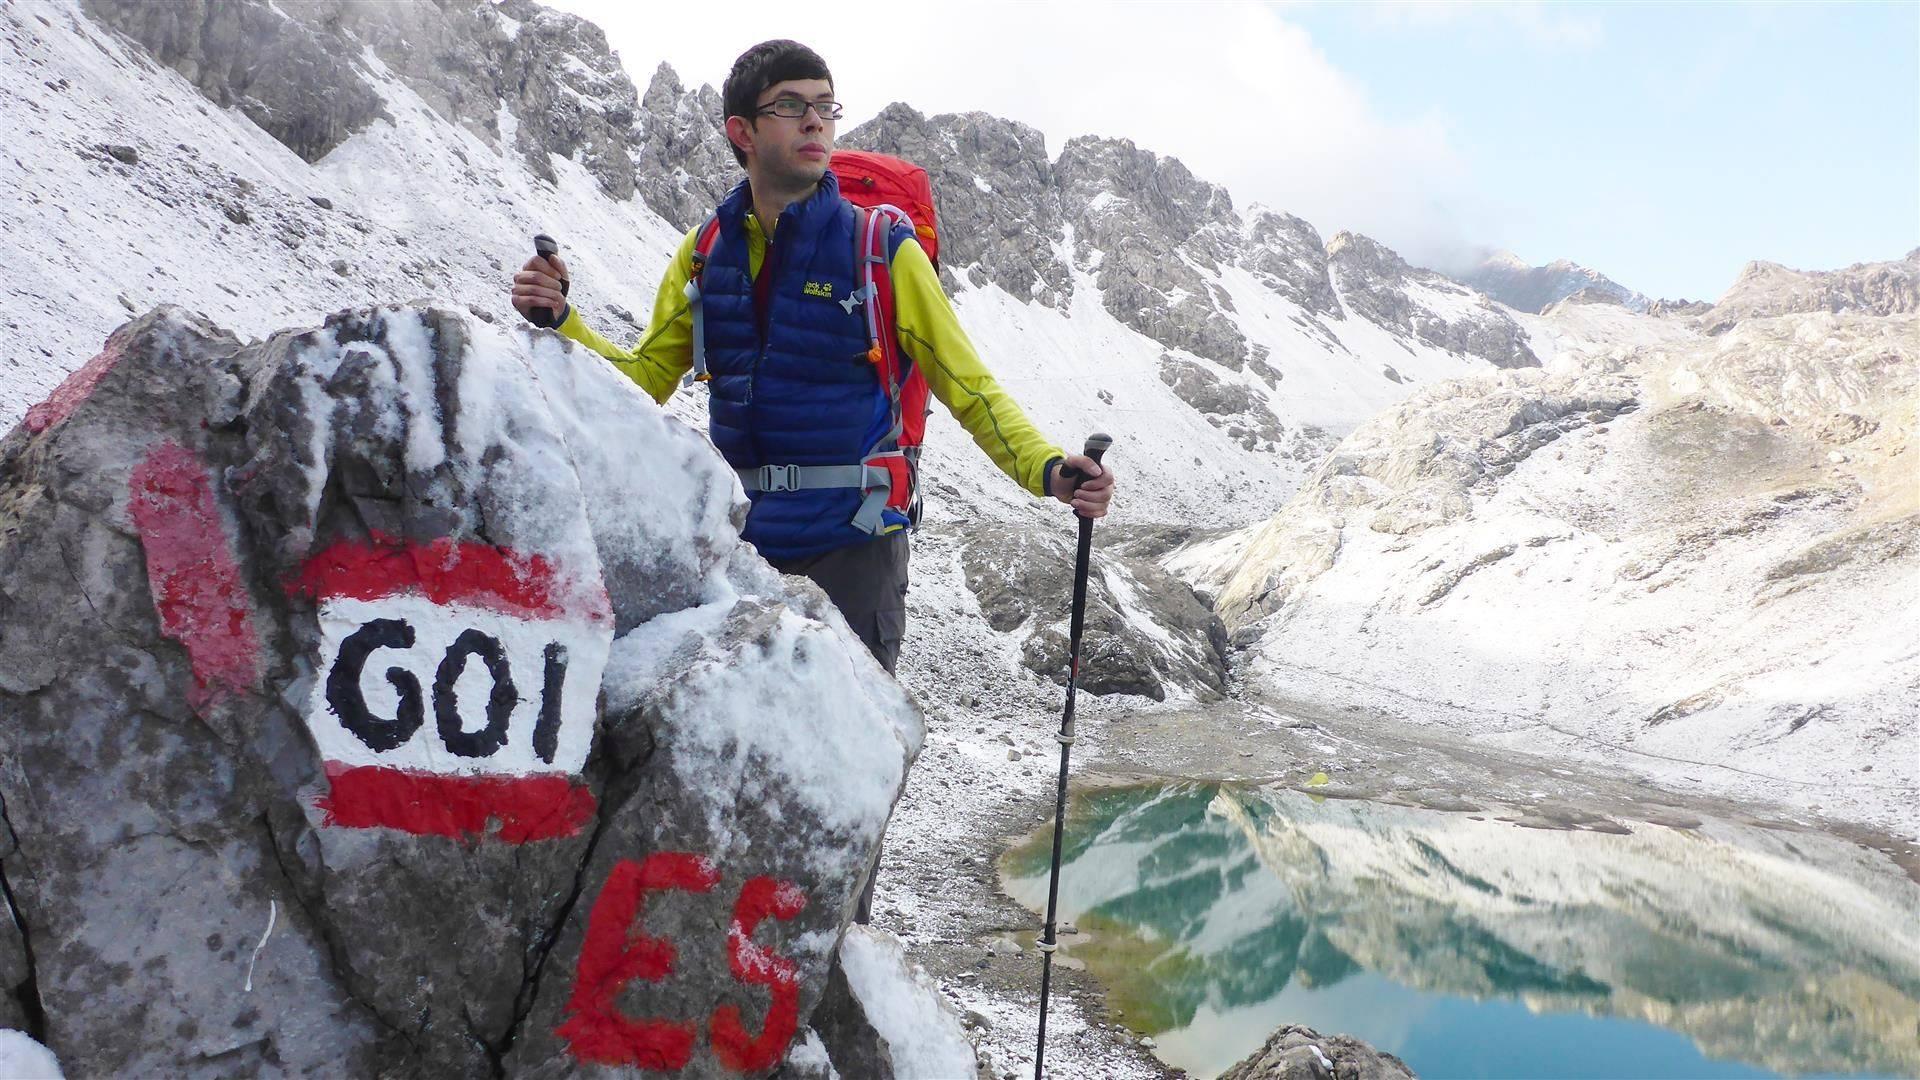 Zu Fuß über die Alpen – Vortrag über Alpenwanderung